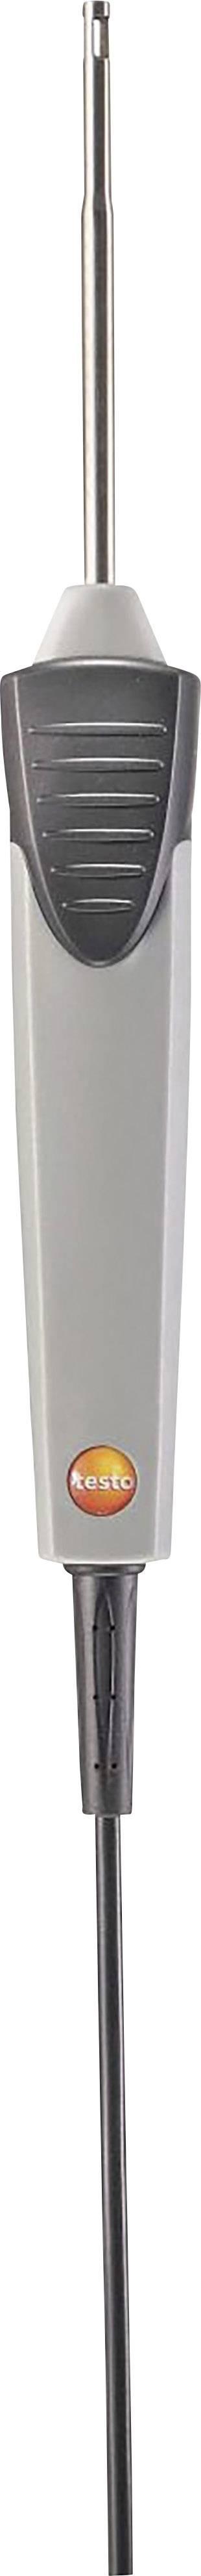 Vzduchové čidlo testo 0613 1712 0613 1712, -50 do 125 °C, 115 mm, druh čidla=NTC